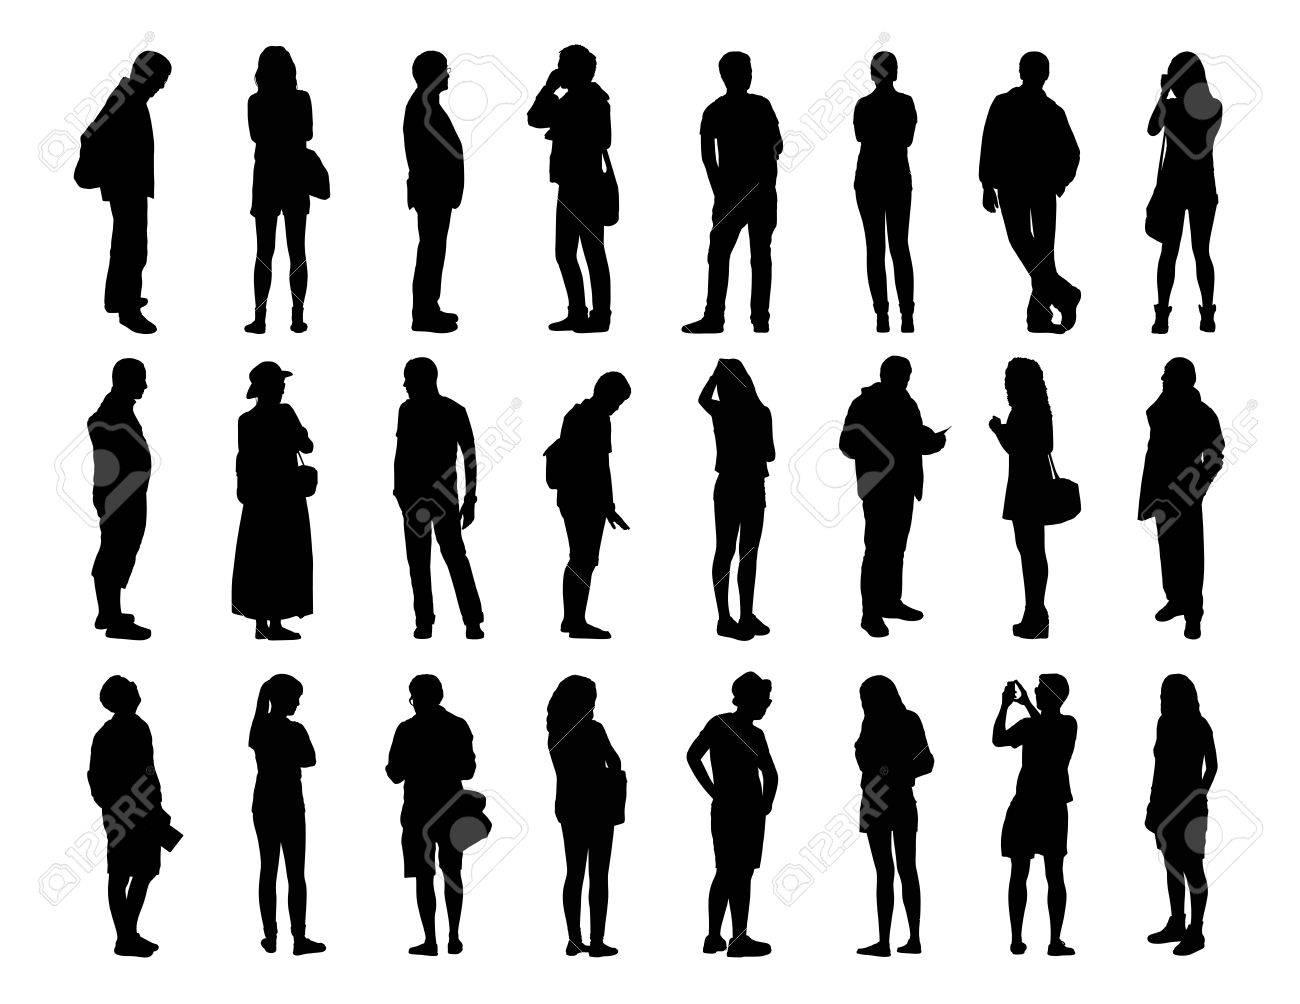 Sagome Persone Nere.Grande Insieme Di Sagome Nere Di Uomini E Donne Di Diverse Eta In Piedi In Diverse Pose Volto Profilo E Vista Posteriore